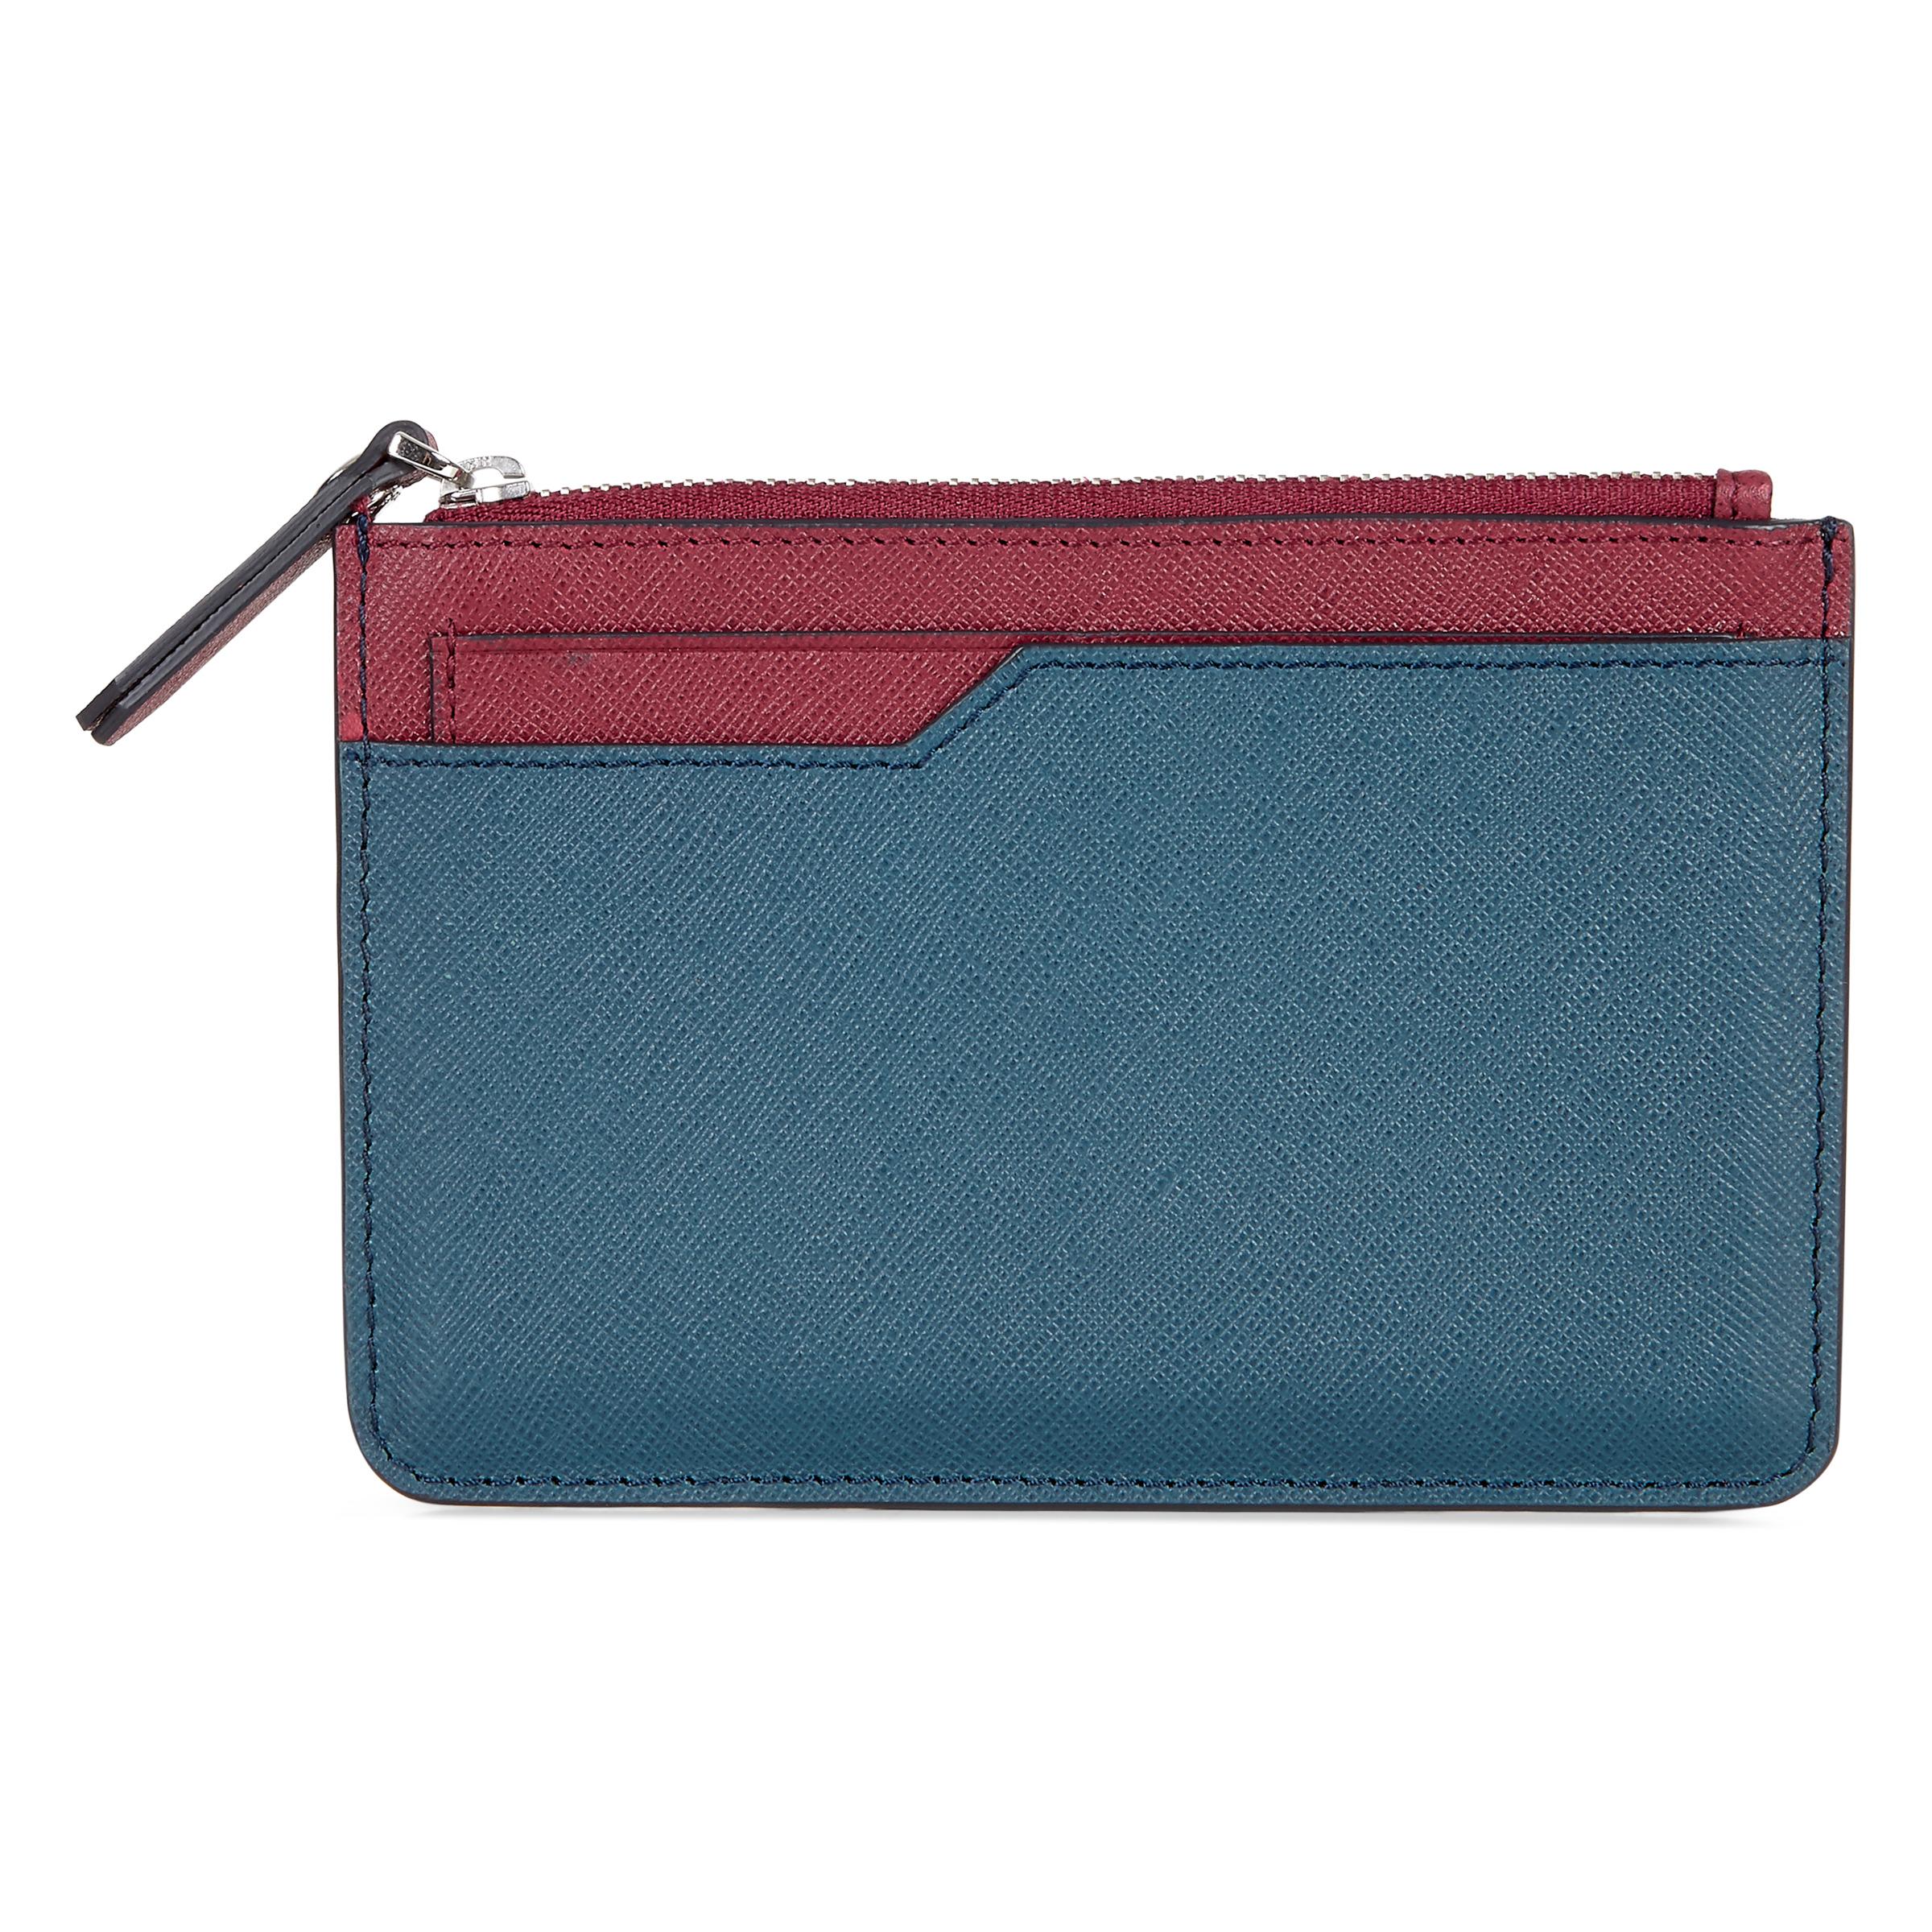 Image of ECCO Iola Small Travel Wallet